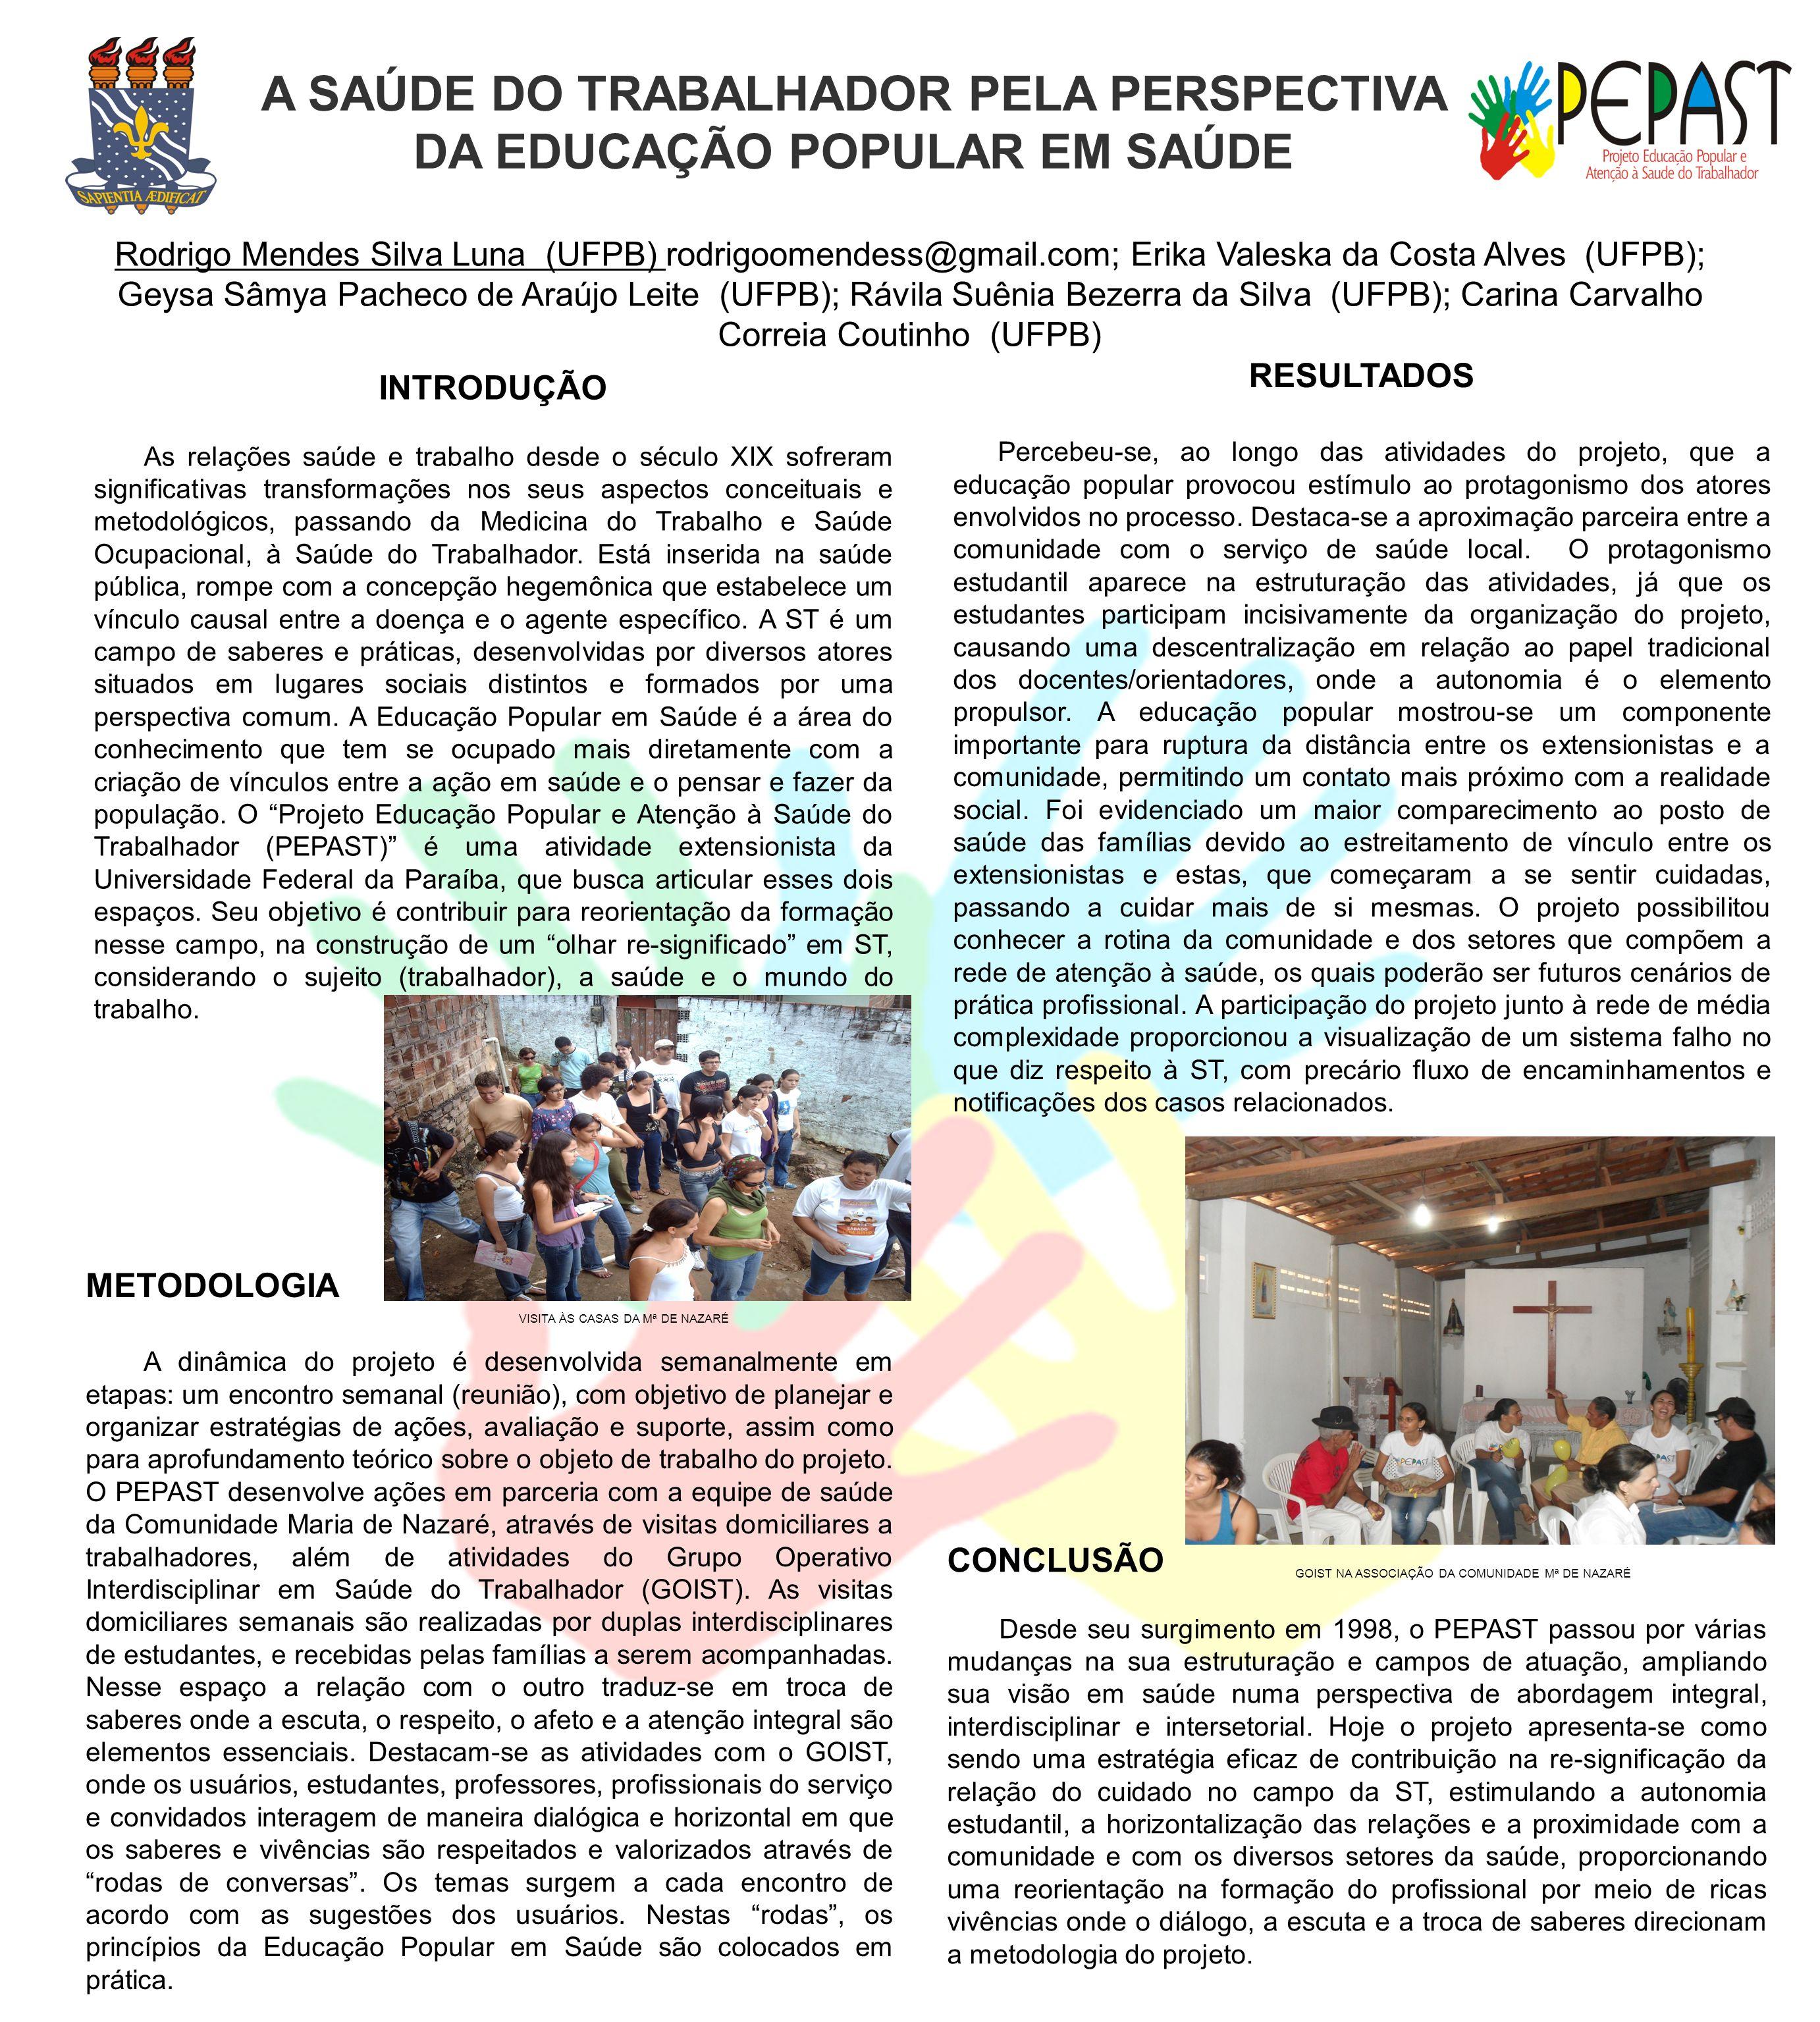 A SAÚDE DO TRABALHADOR PELA PERSPECTIVA DA EDUCAÇÃO POPULAR EM SAÚDE